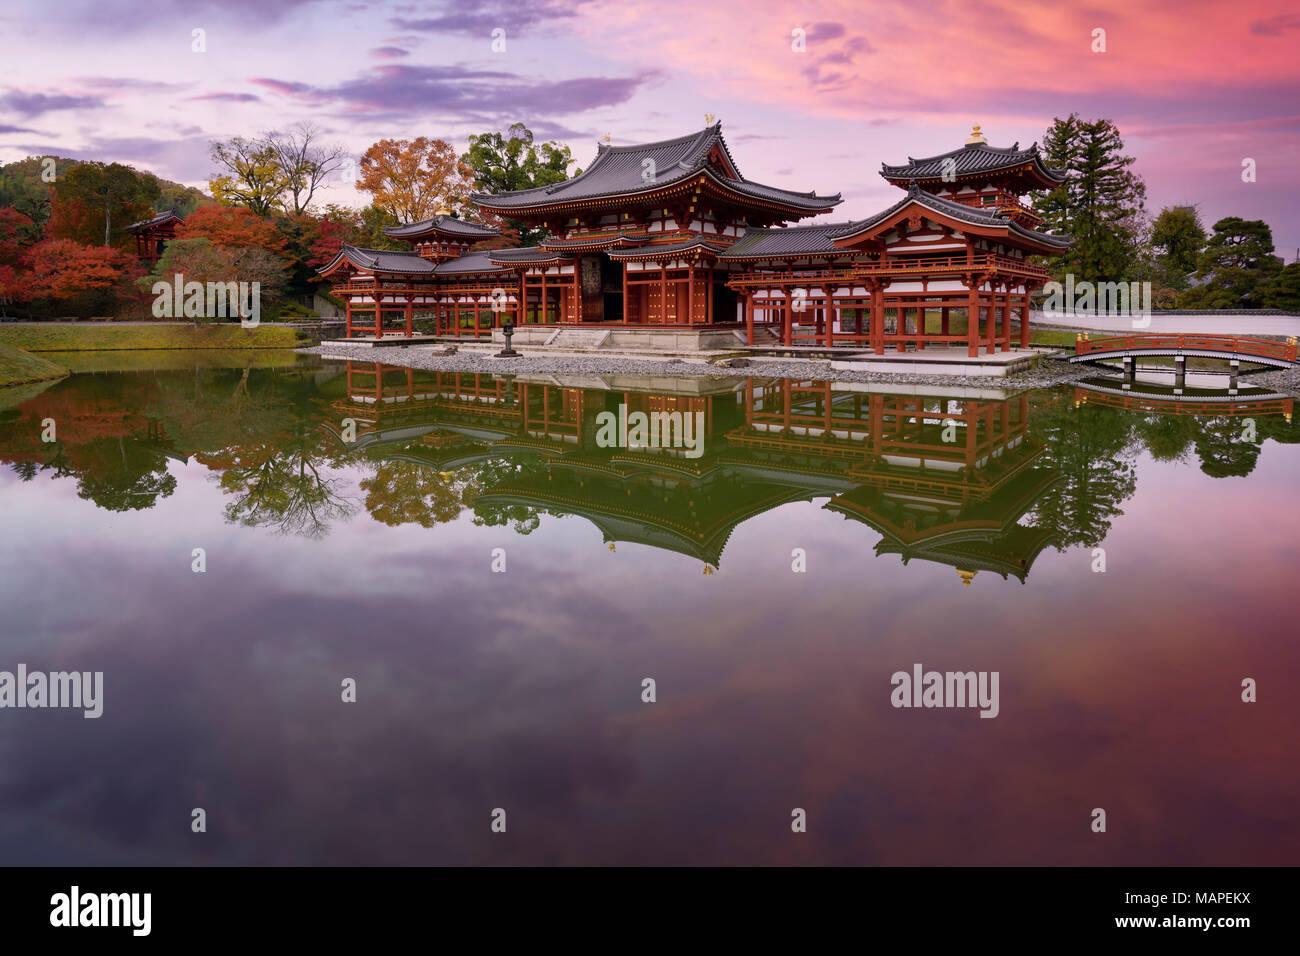 Ruhigen Herbst Landschaft der Phoenix Halle, Amida Hall von dem Byodoin-schrein Tempel auf Kojima Insel Jodoshiki teien, reines Land Gartenteich. Uji, Kyoto Menü Stockbild